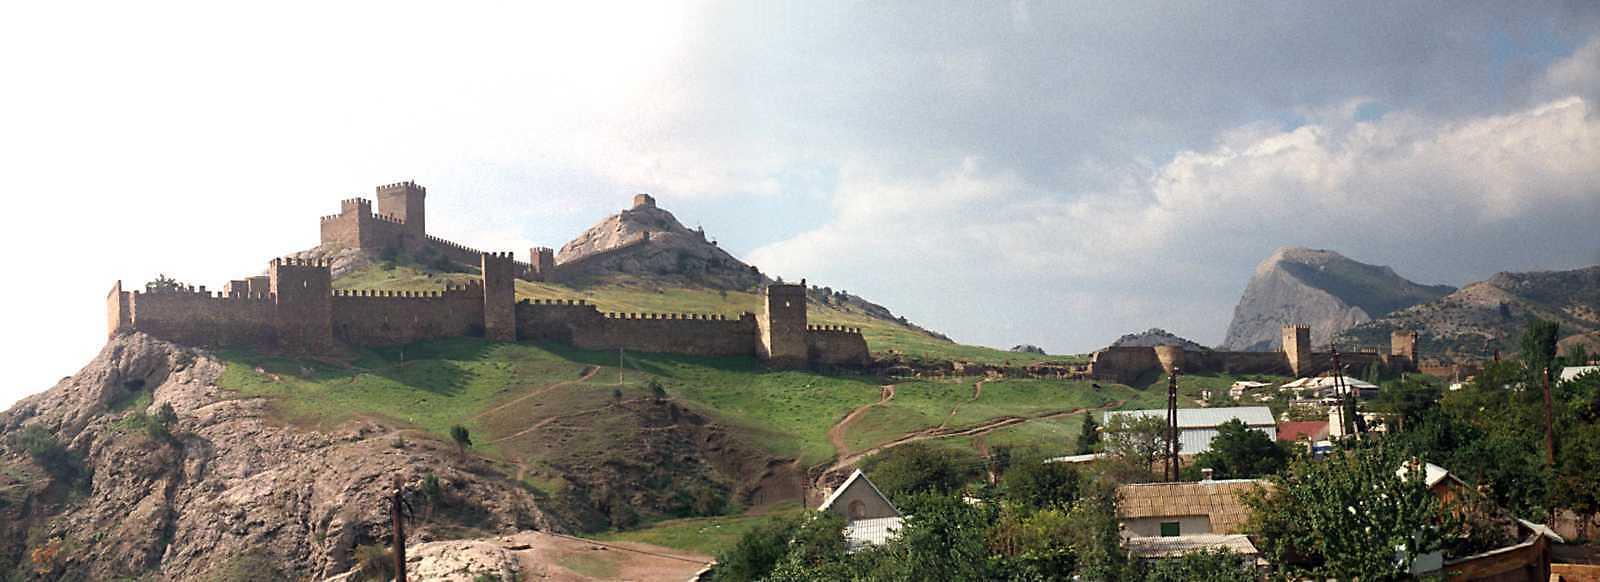 2002 р. Панорама з північного сходу